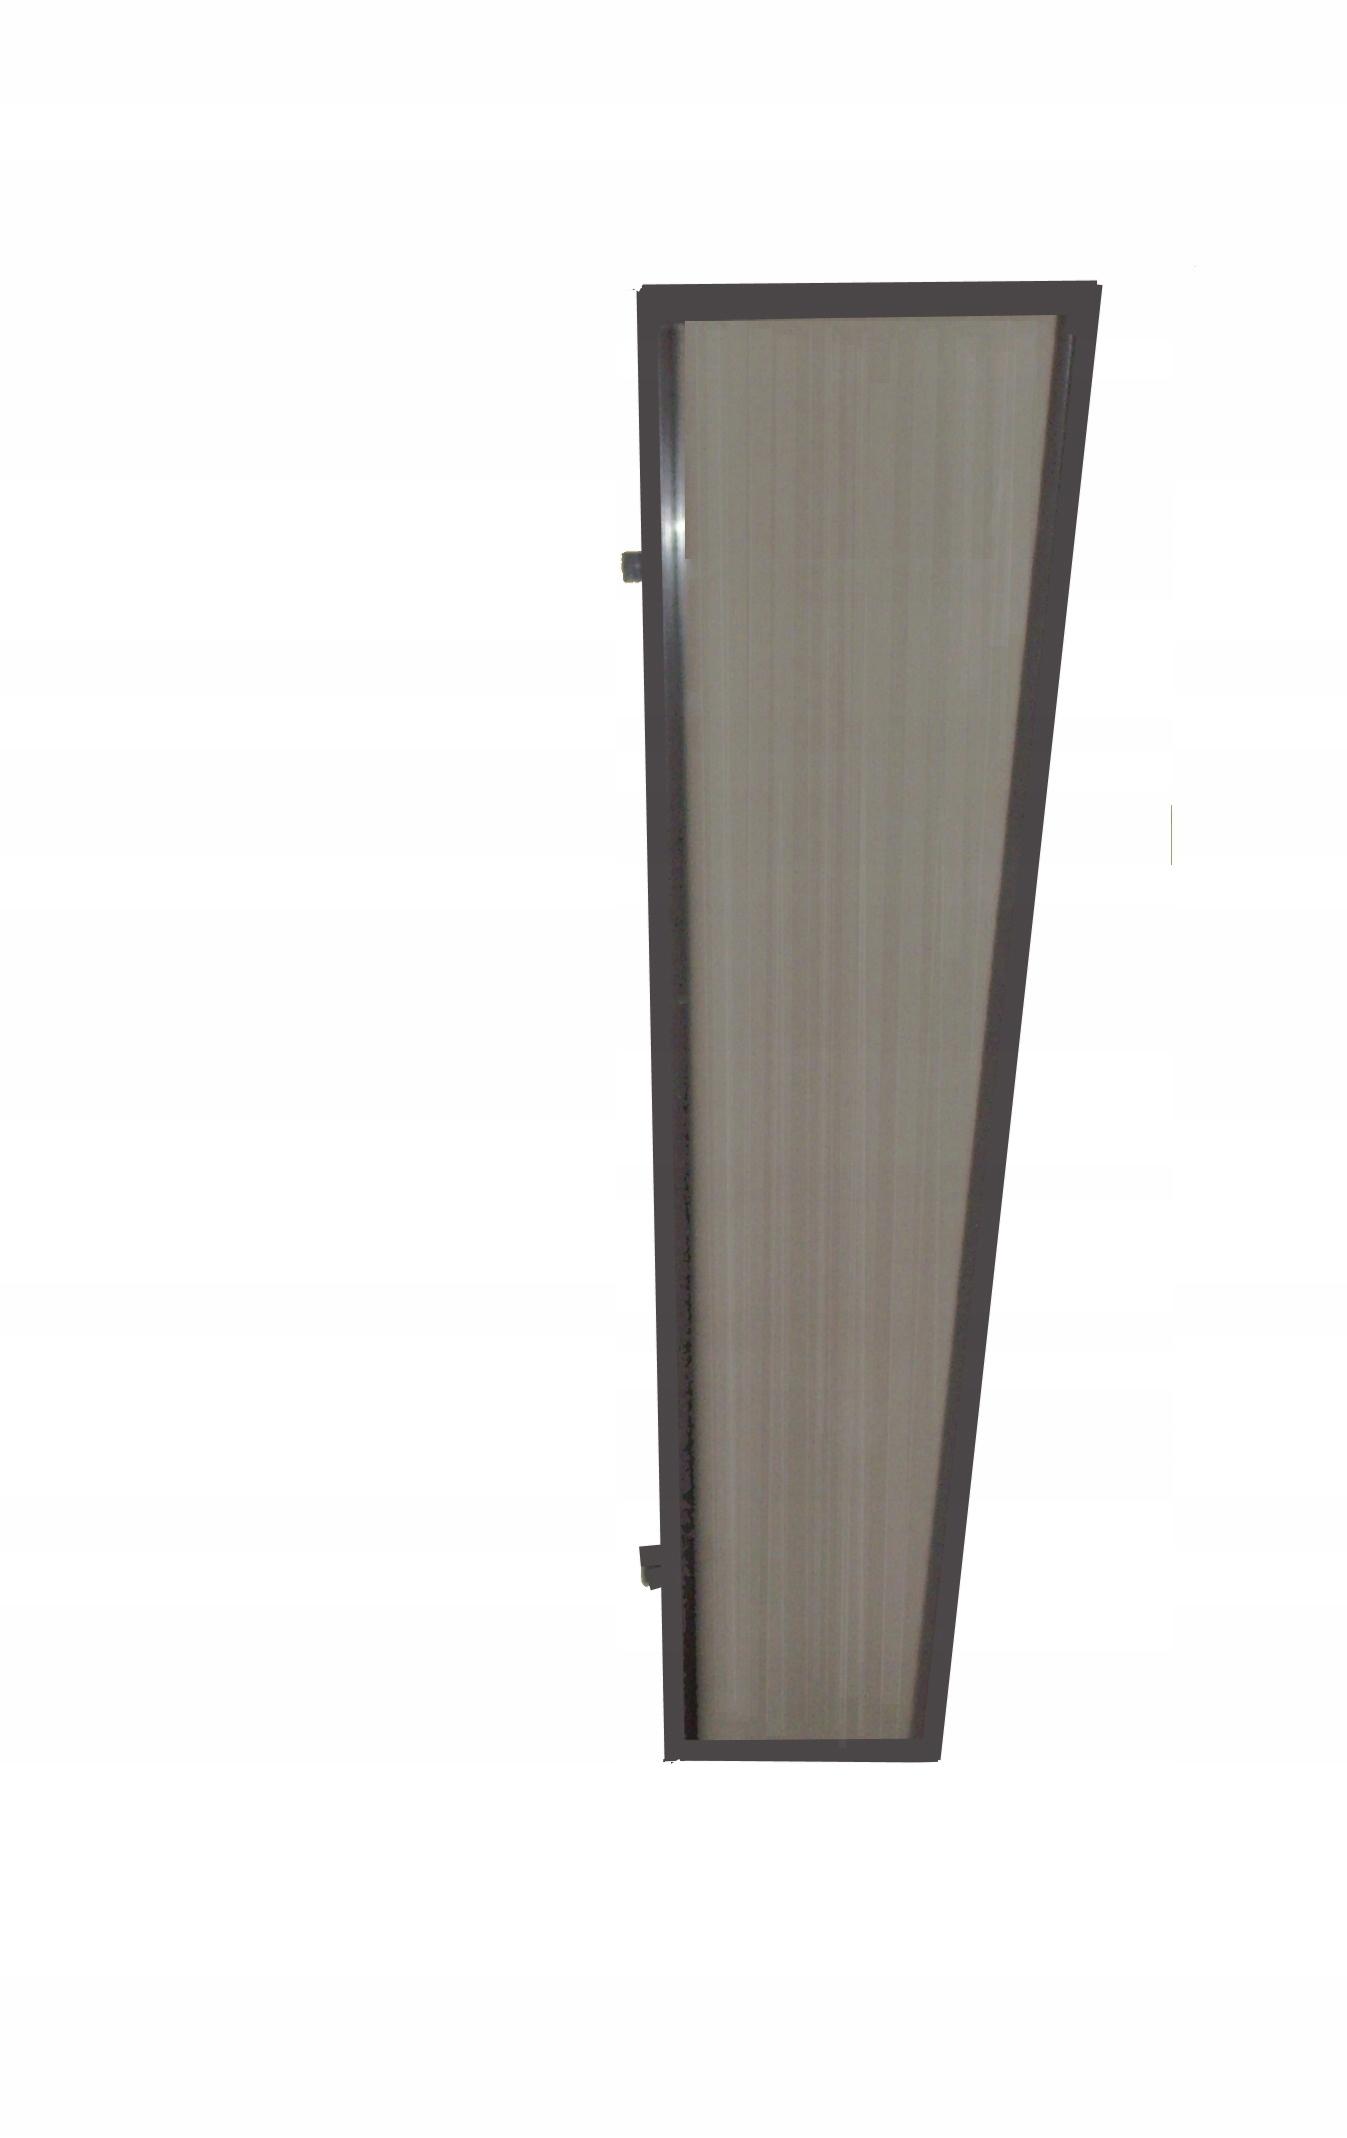 Bočná stena pre markízy nad dverami, 150x50x30